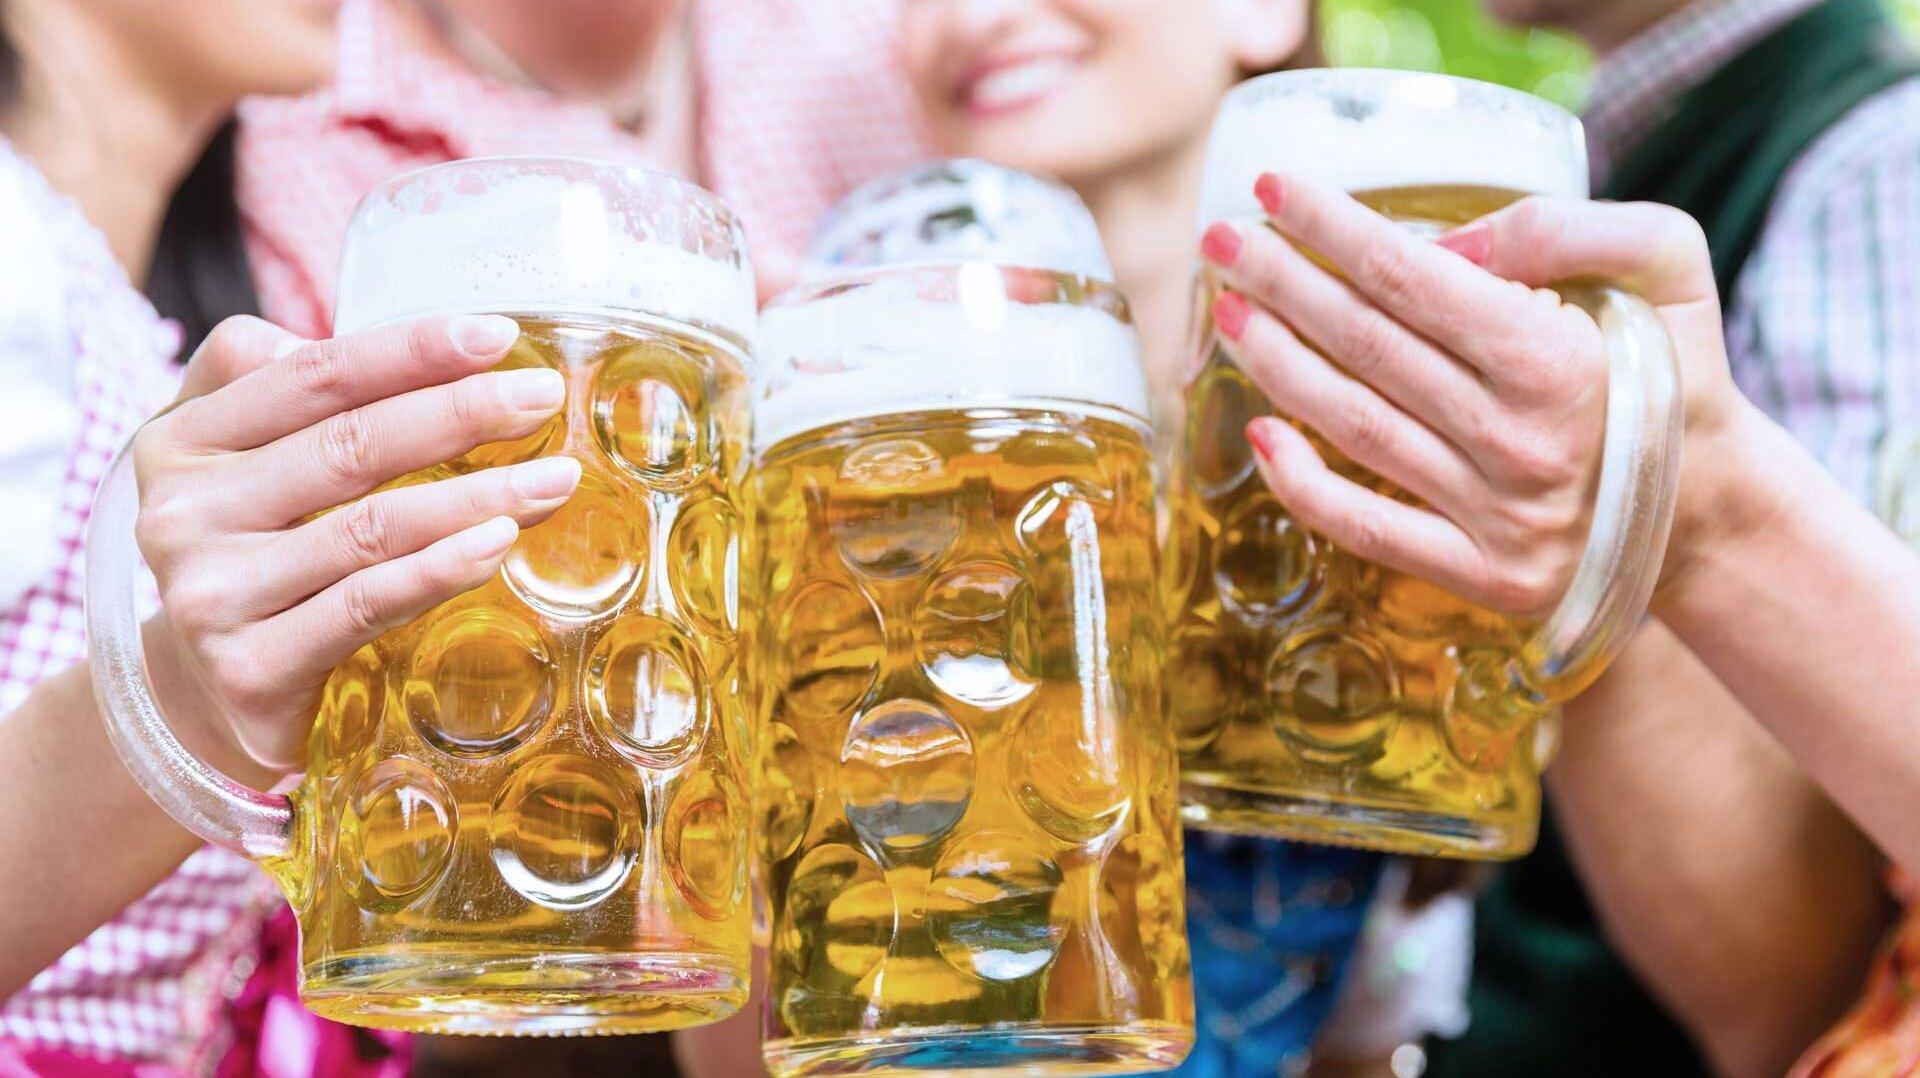 Gepflegter Biergenuss aus sauberen Gläsern – kein Problem dank Meiko